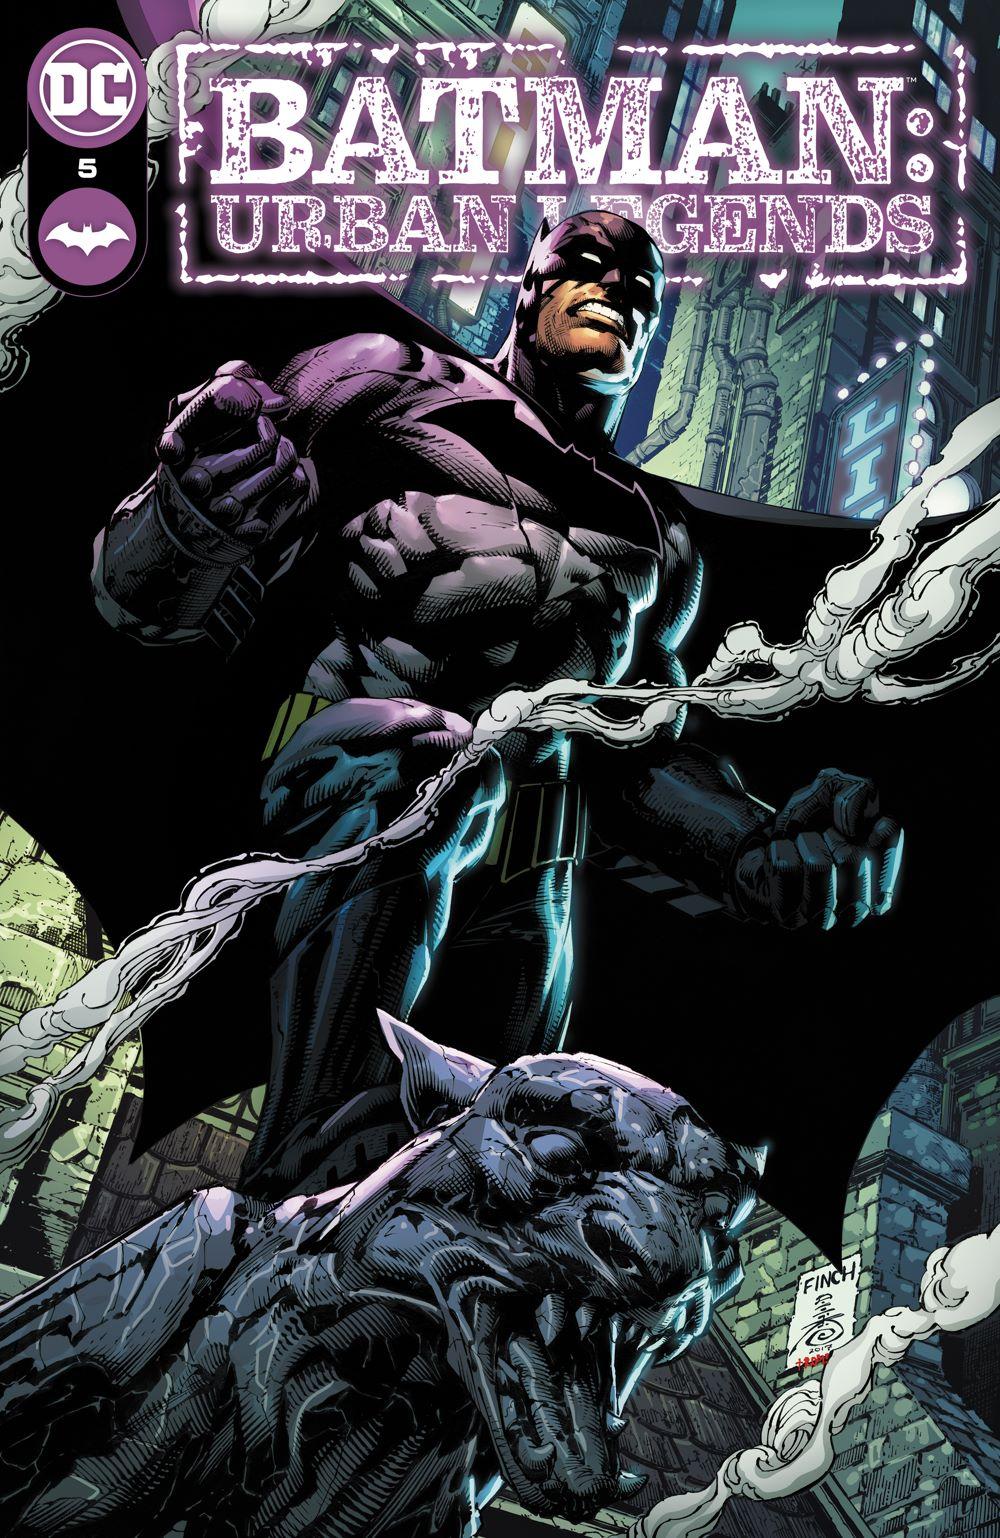 BM_UL_Cv5 DC Comics July 2021 Solicitations